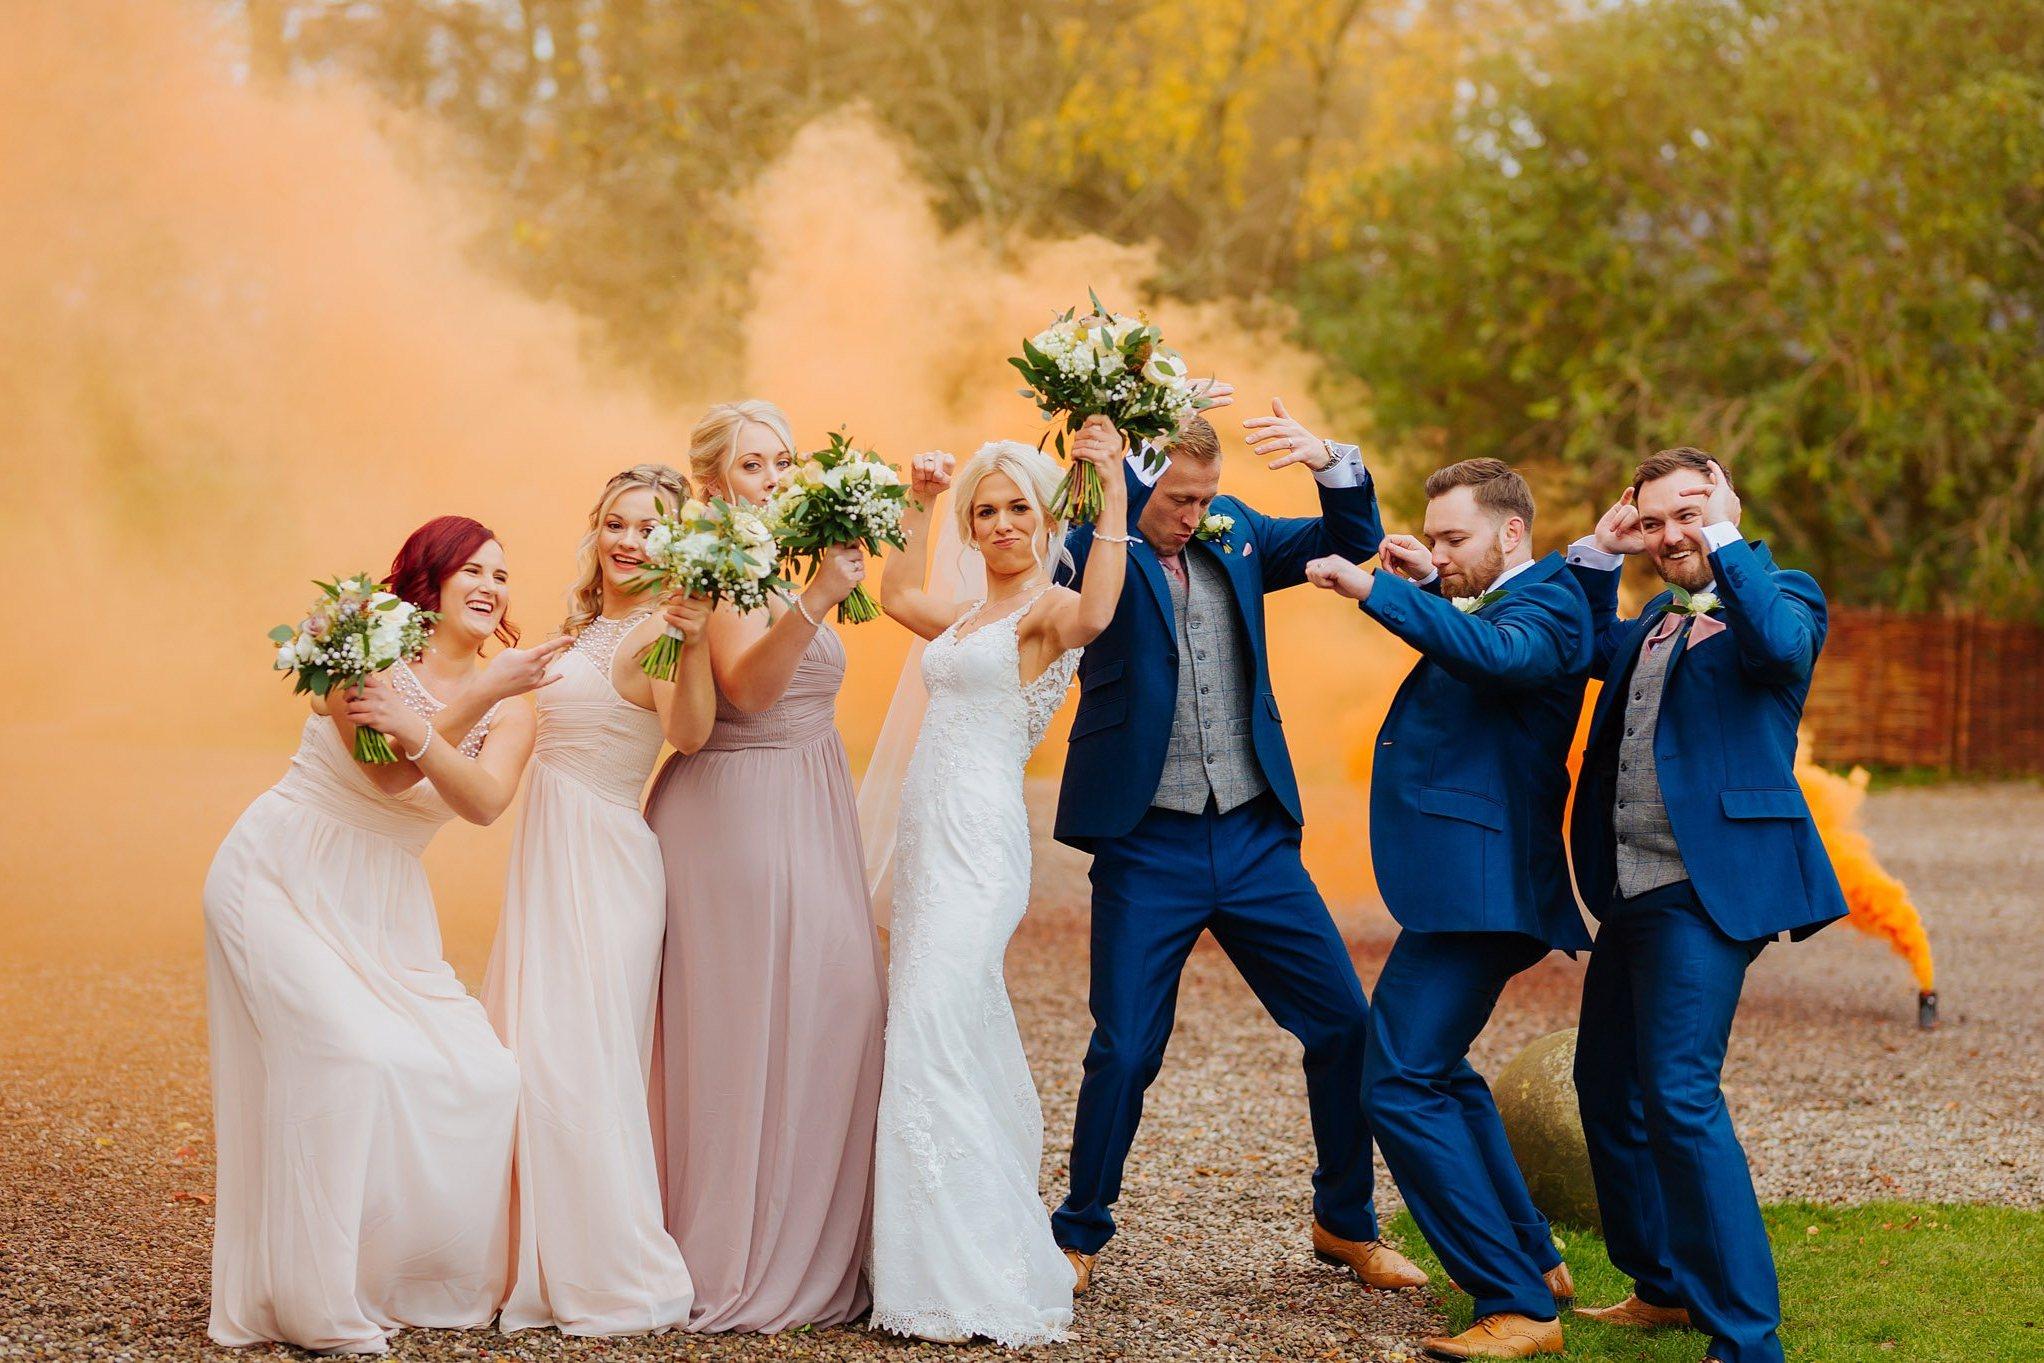 Lemore Manor wedding, Herefordshire - West Midlands | Sadie + Ken 13